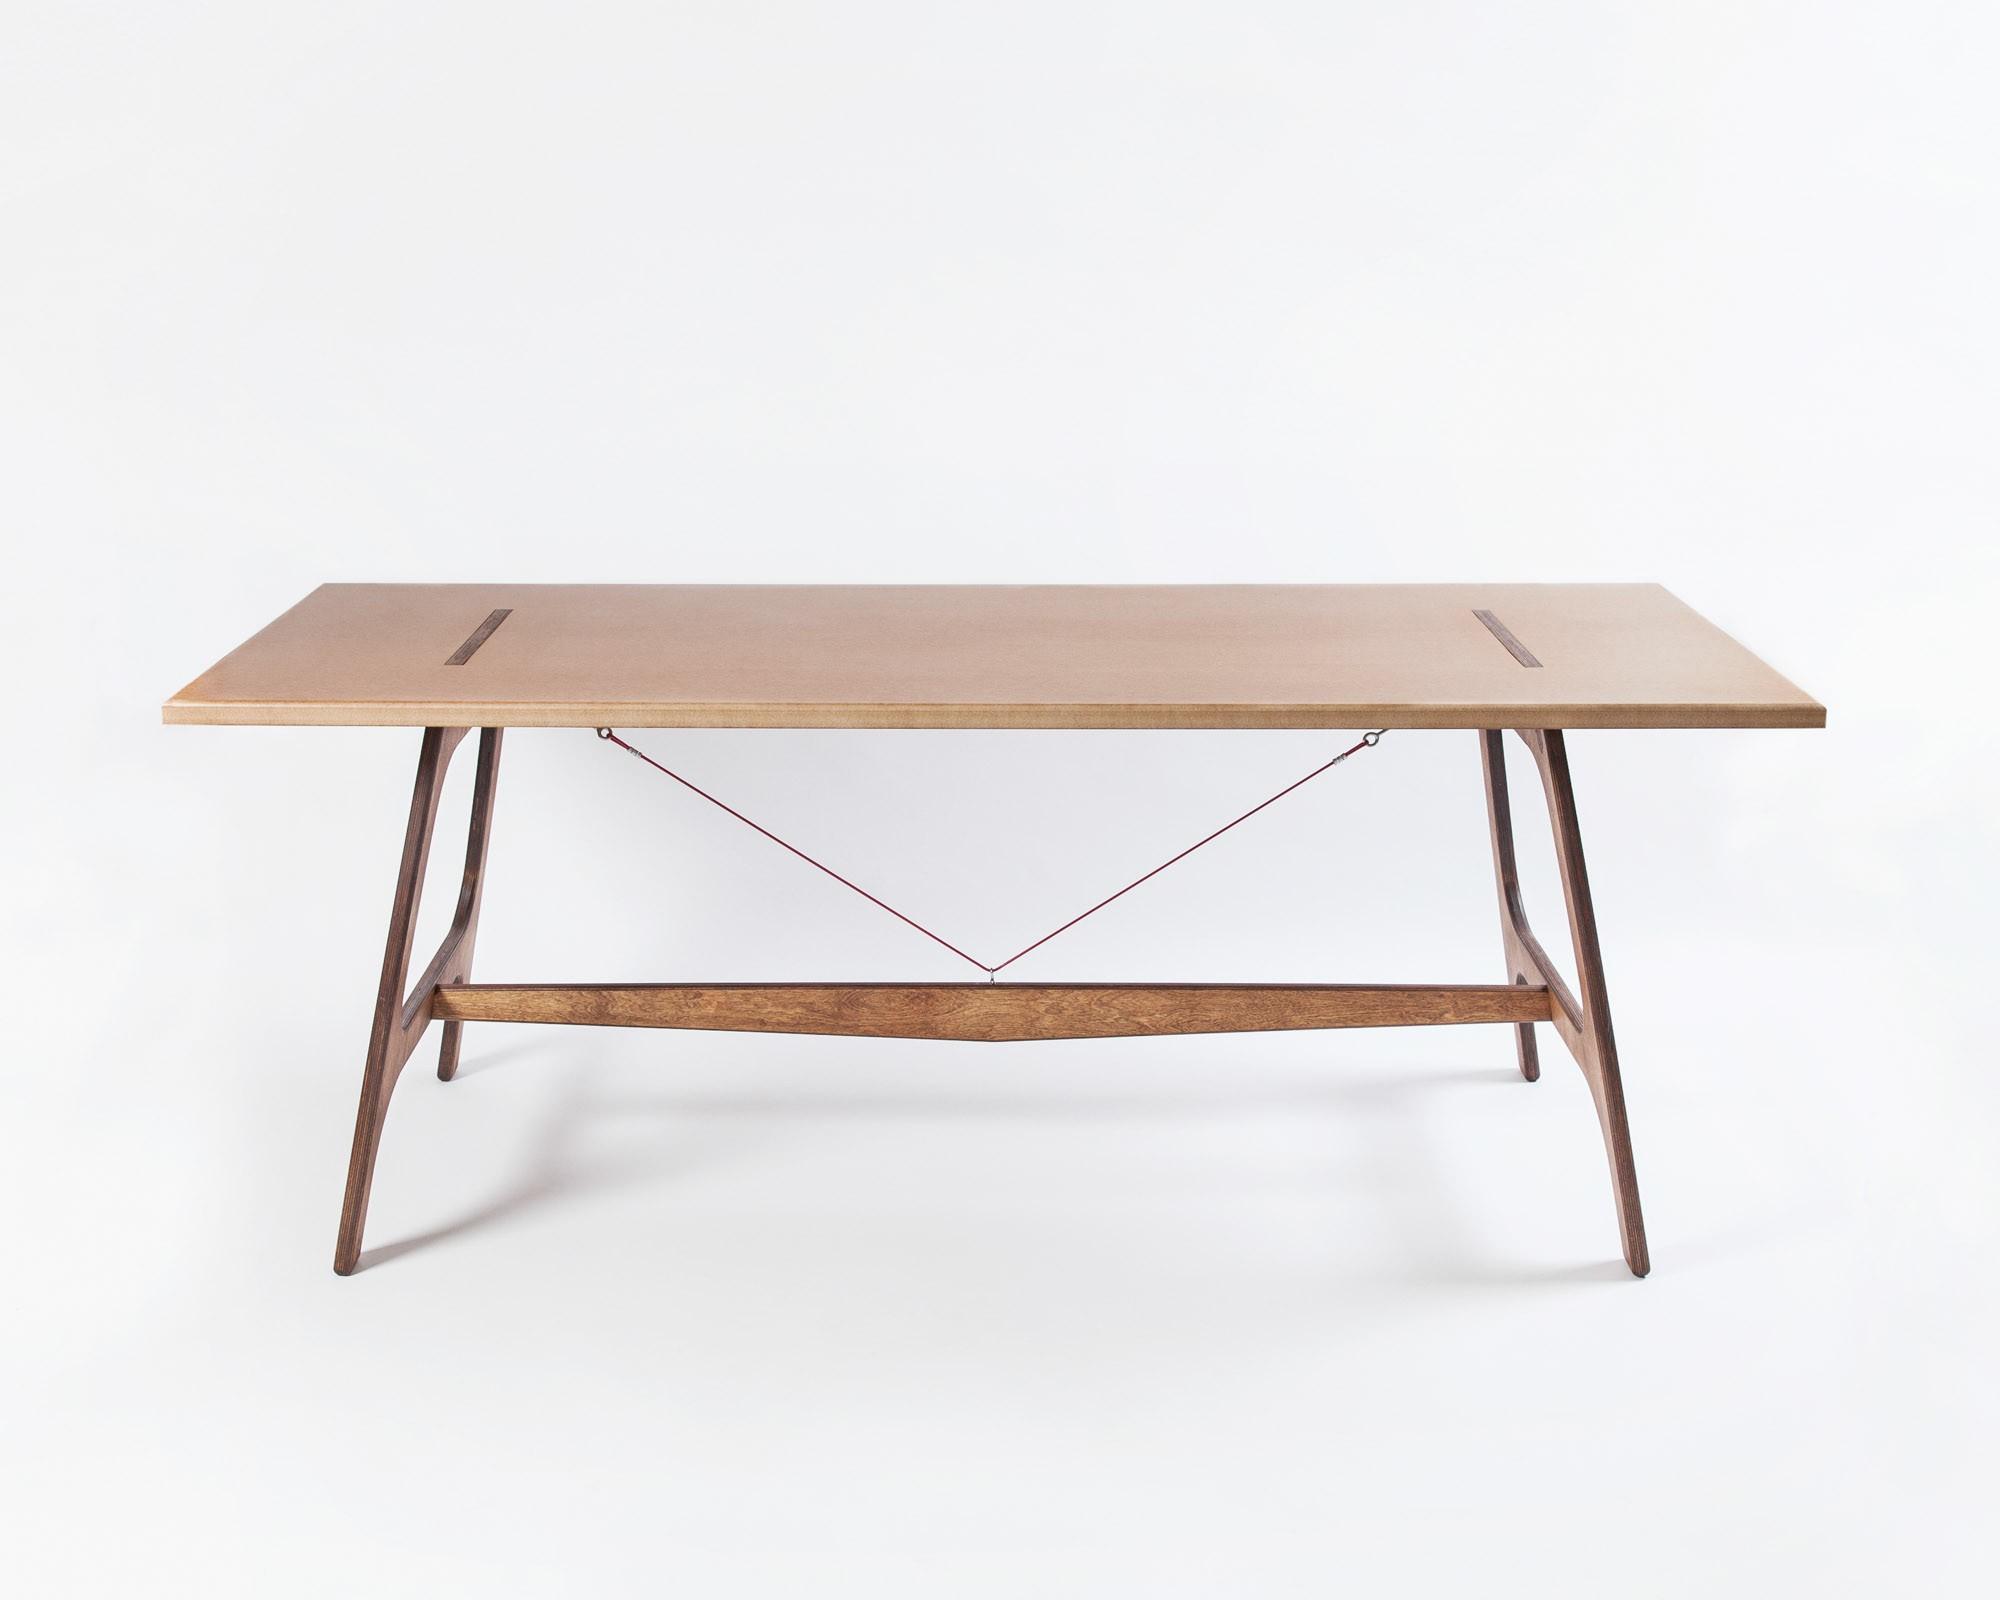 pirol furnituring pit frame tisch mdf 200cm beine birke braun. Black Bedroom Furniture Sets. Home Design Ideas